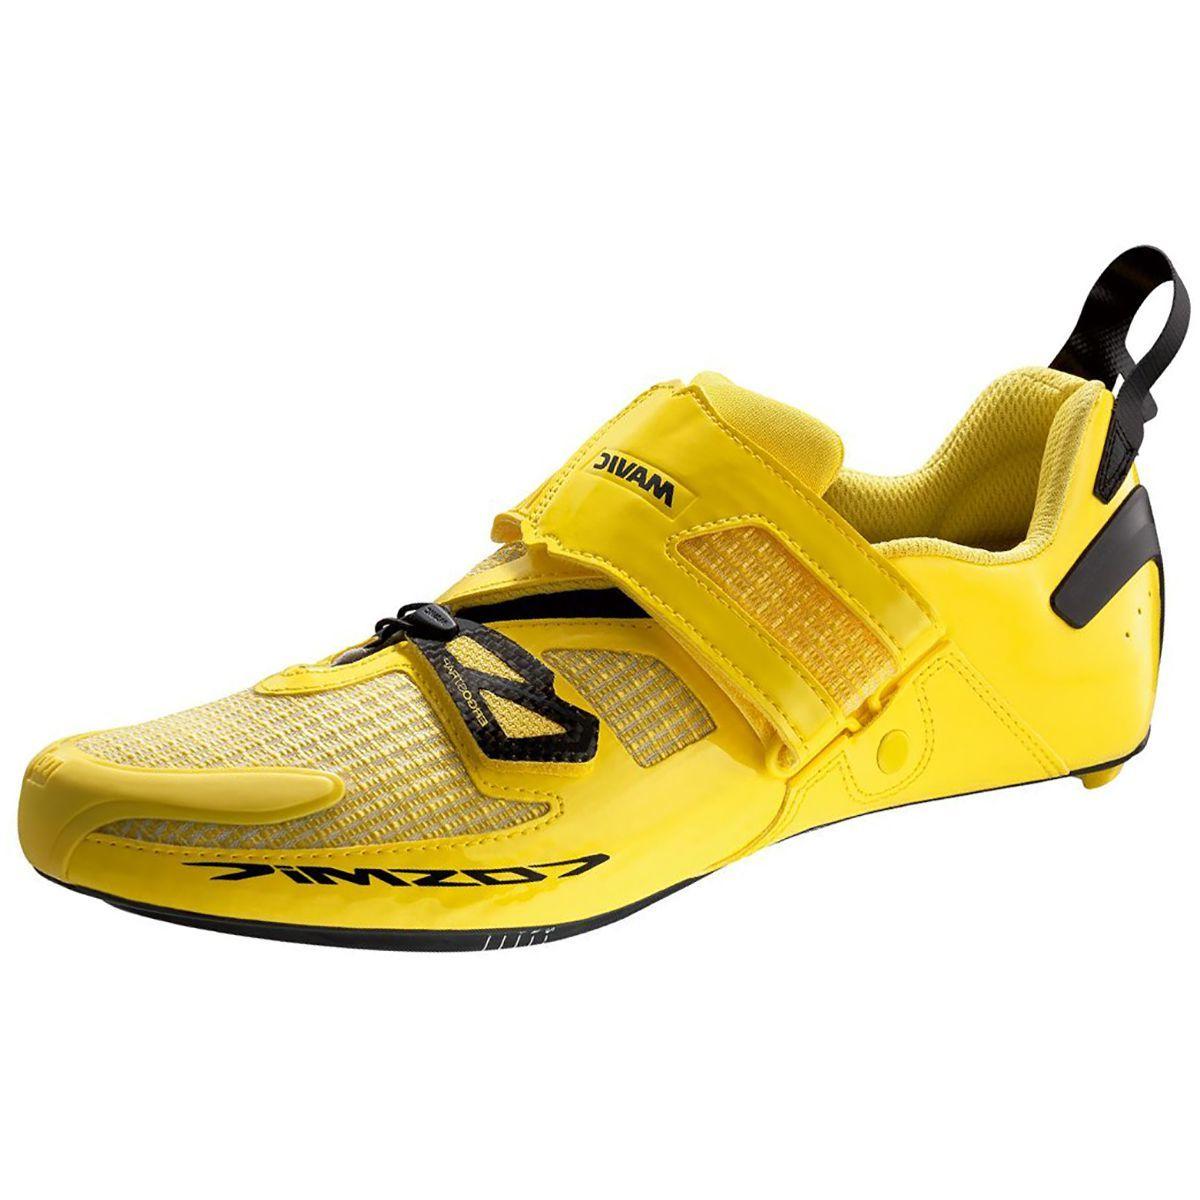 Mavic Cosmic Ultimate Tri Cycling Shoe - Men's